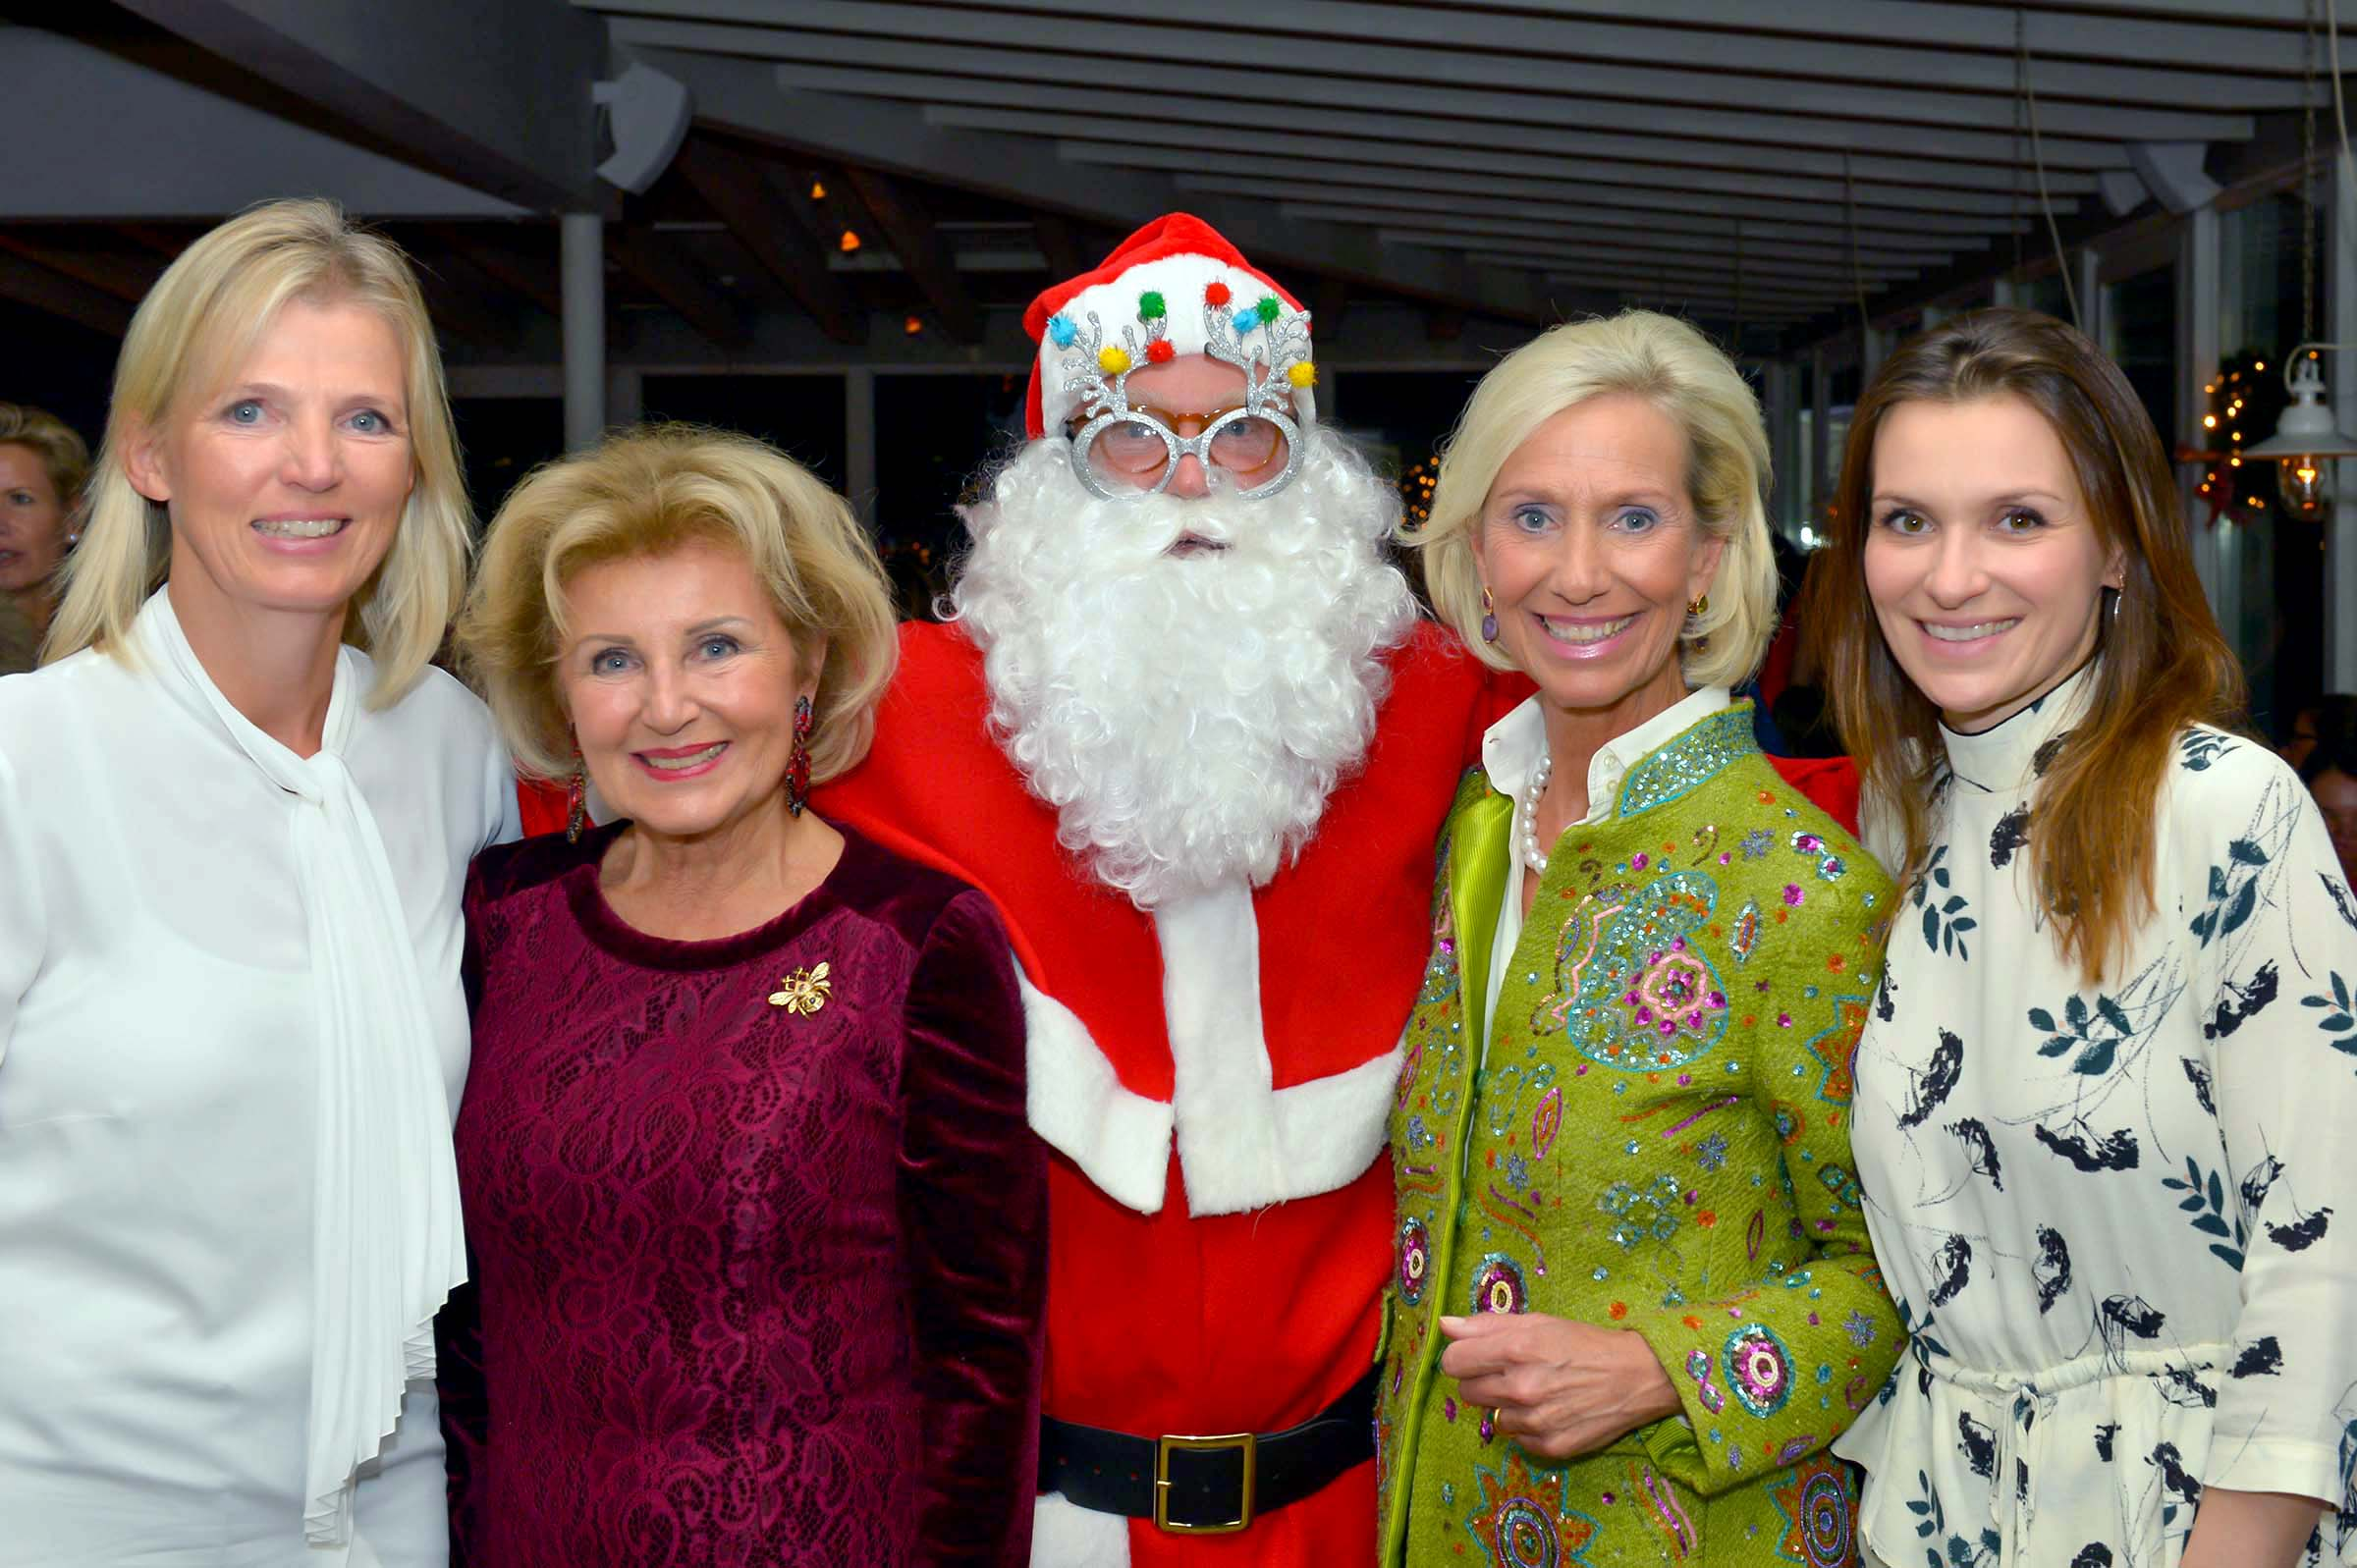 Kirsten Dahler (Dahler & Company), Annette von Rantzau (Schloss Rohlstorf), Santa, Kristina Tröger (CeU Präsidentin) und Dr. Fabienne Dieckmann (Dieckmann RAe)